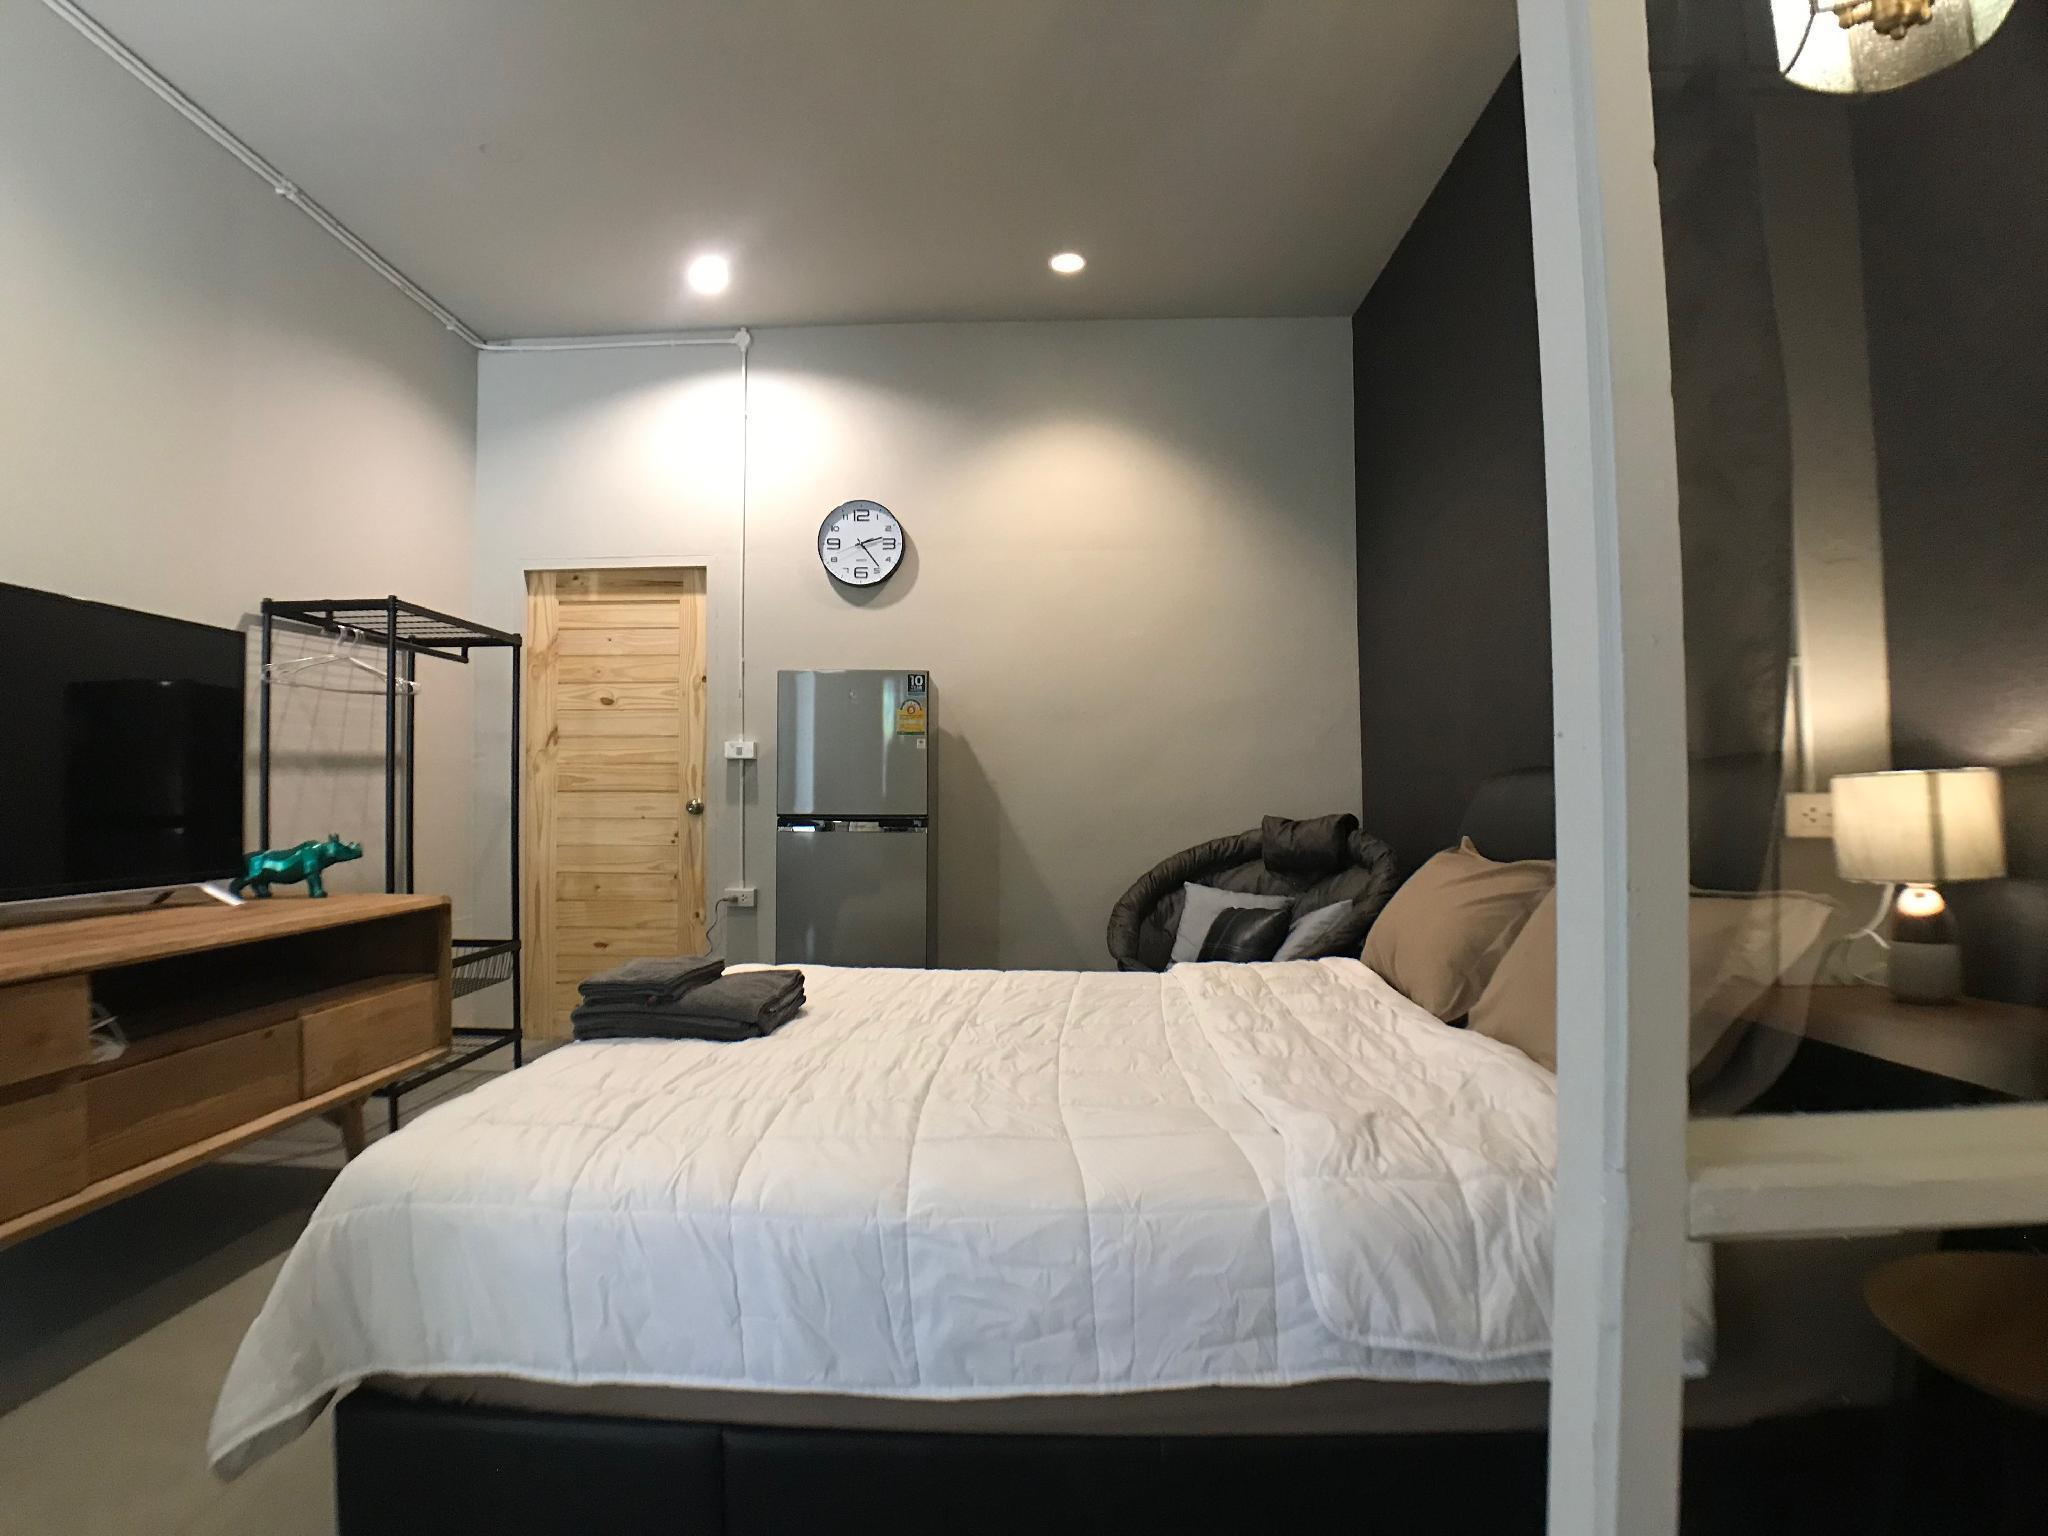 GREYBROWNGREEN GARDEN ROOM อพาร์ตเมนต์ 1 ห้องนอน 1 ห้องน้ำส่วนตัว ขนาด 45 ตร.ม. – ริมแม่น้ำเชียงใหม่